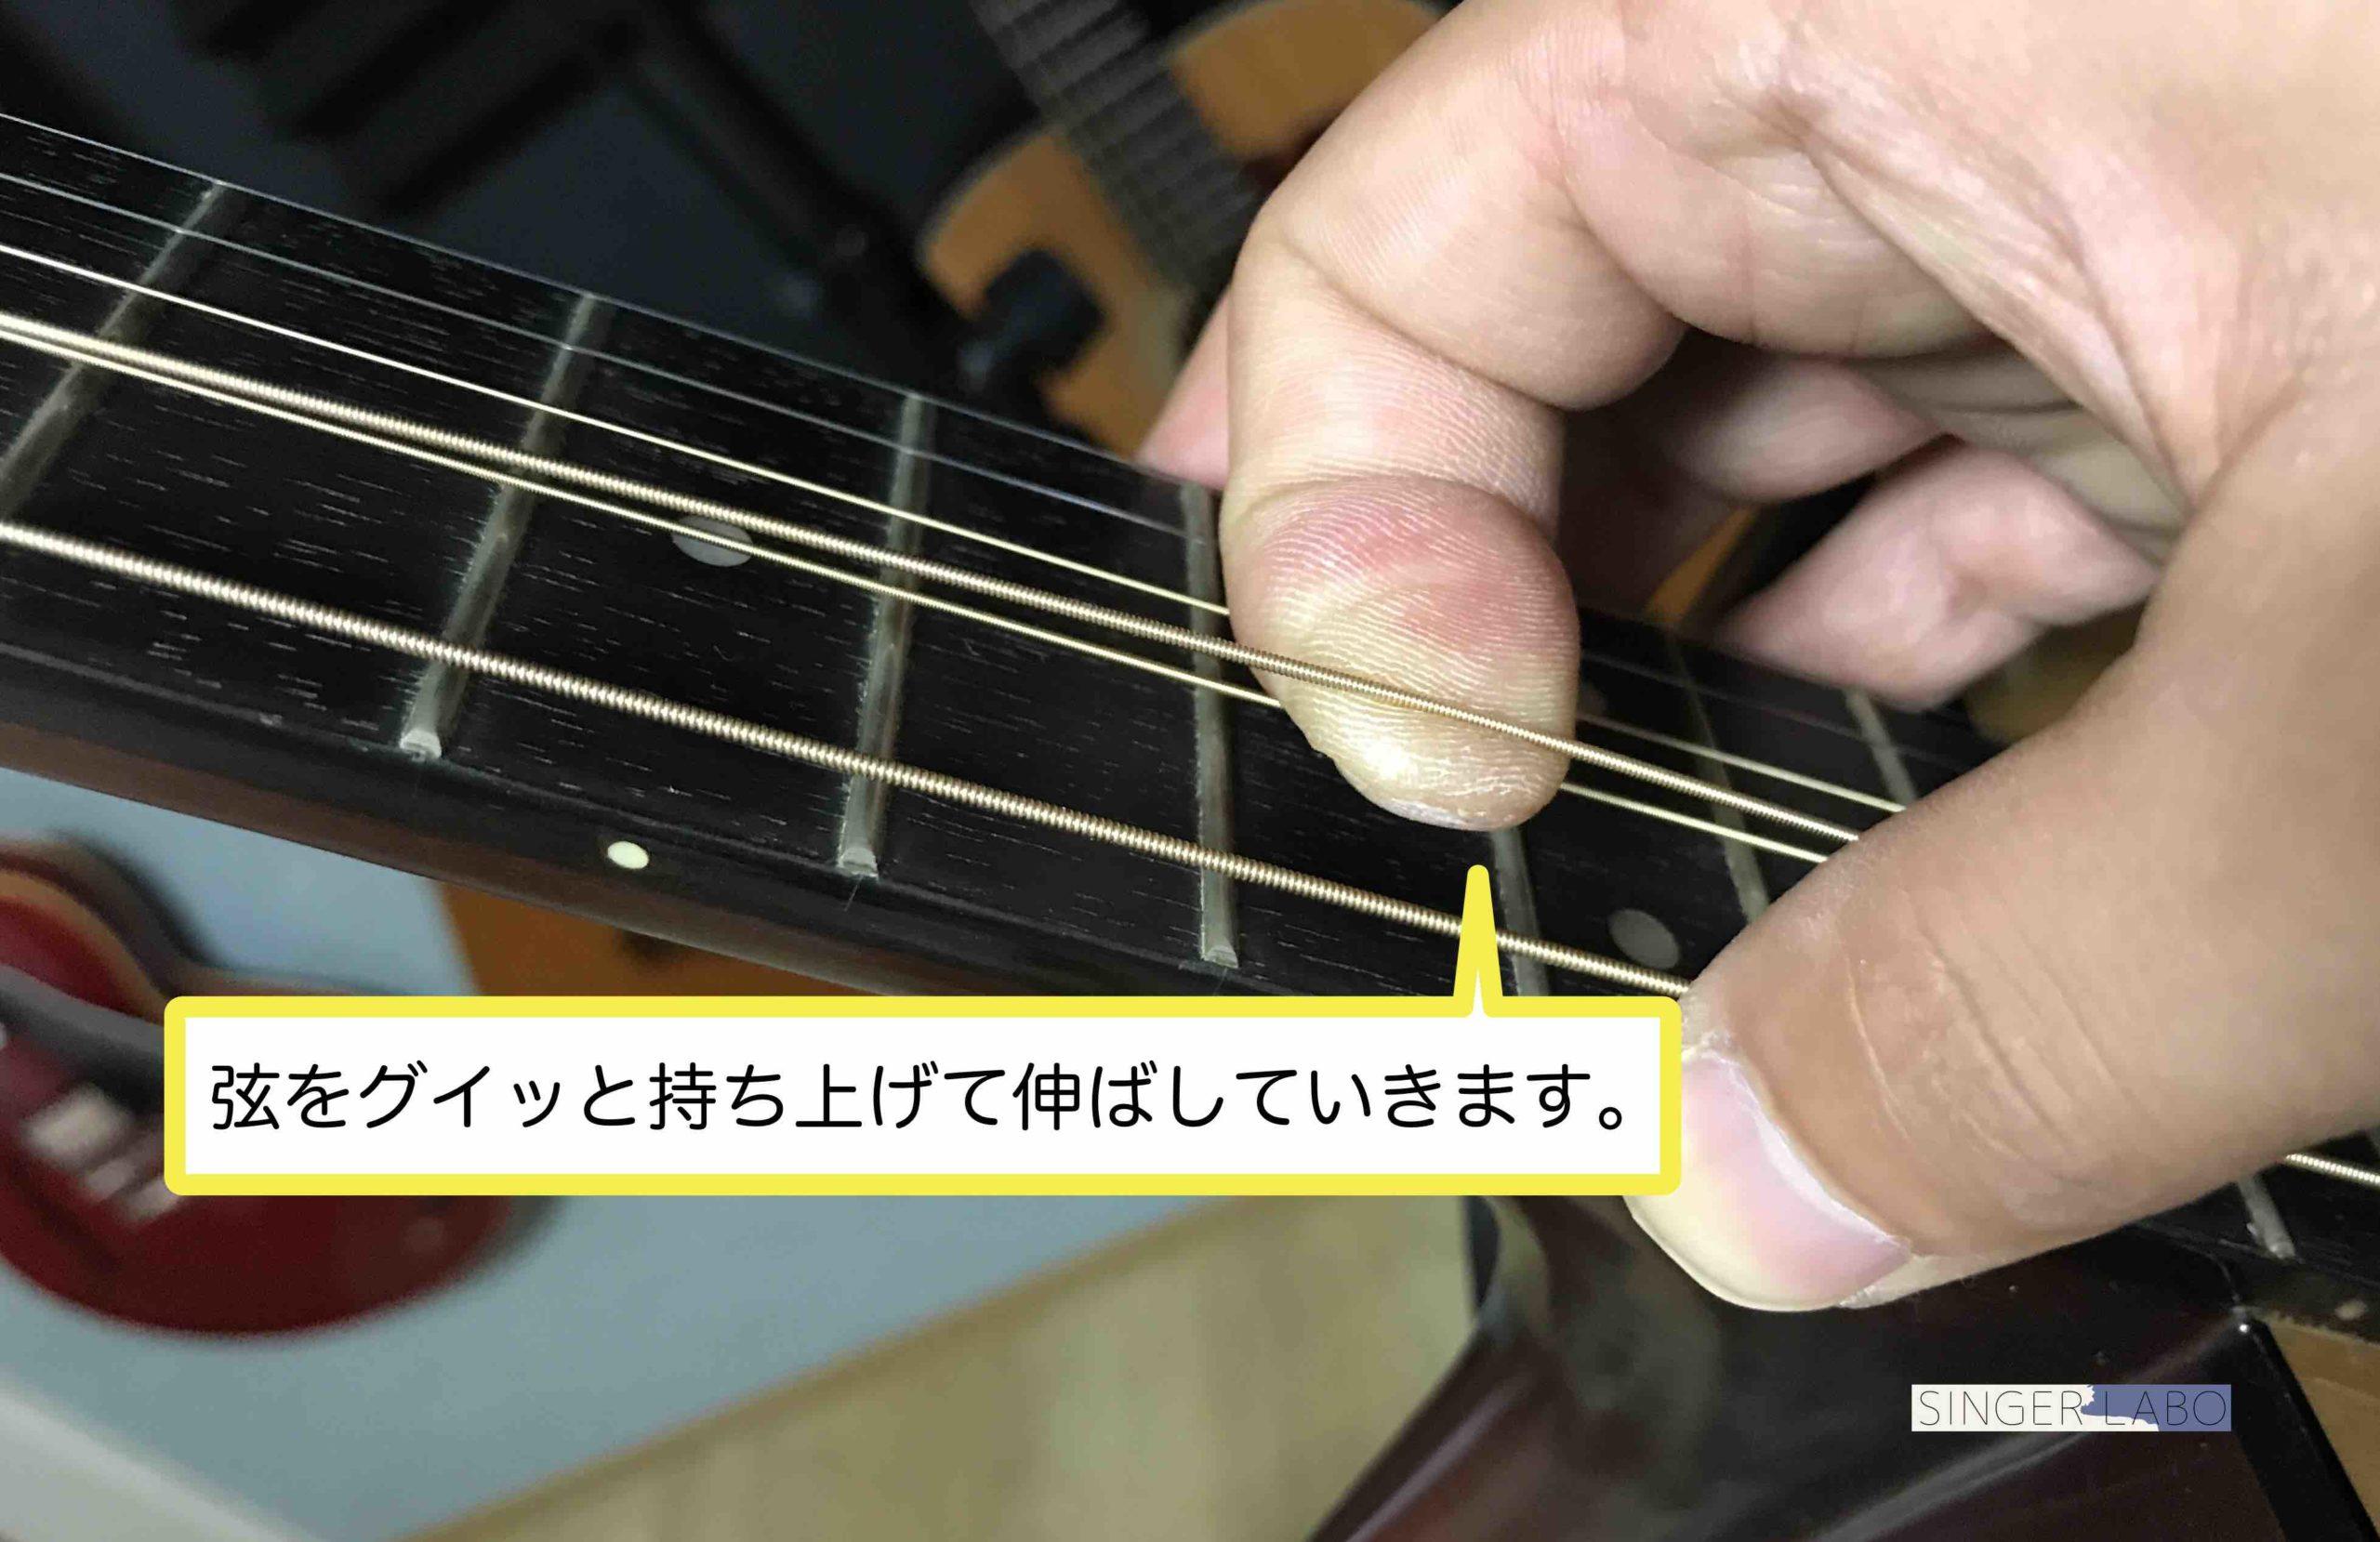 ギター弦交換手順⑤: 弦を伸ばす